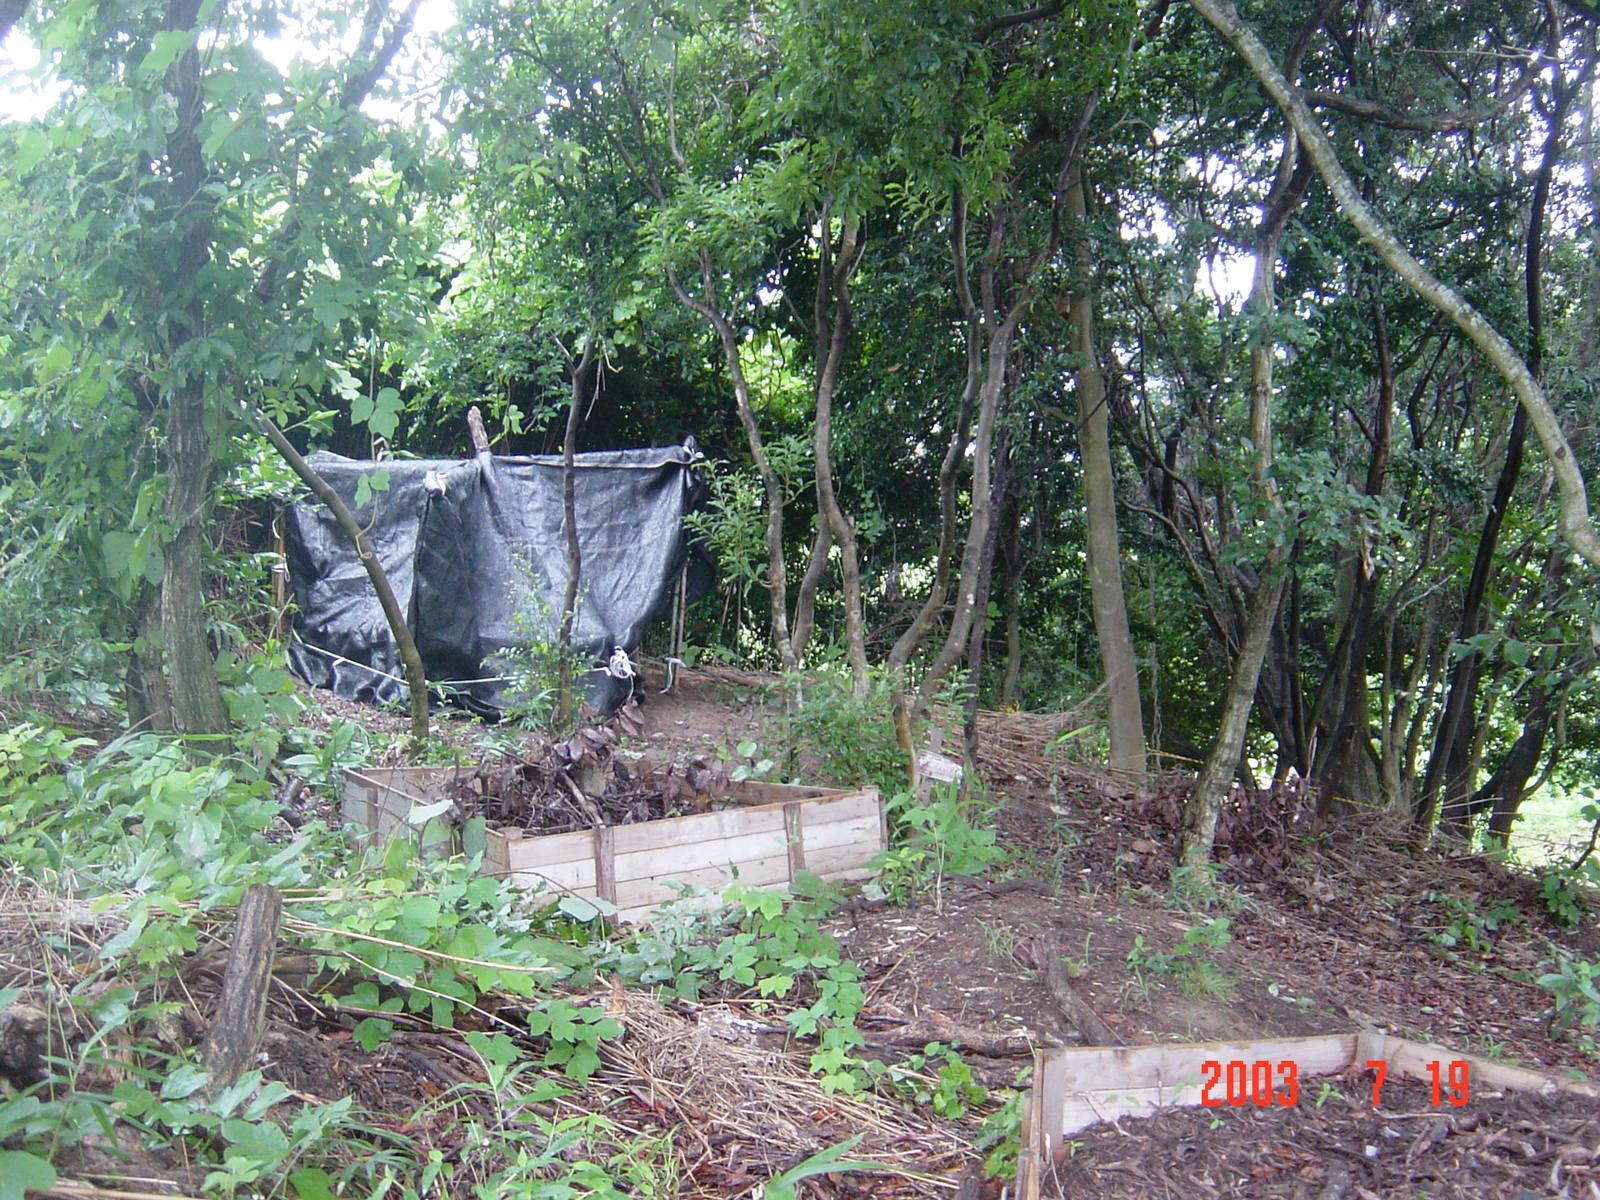 うみべの森の歴史⑭「2003年7月の活動」_c0108460_12401451.jpg